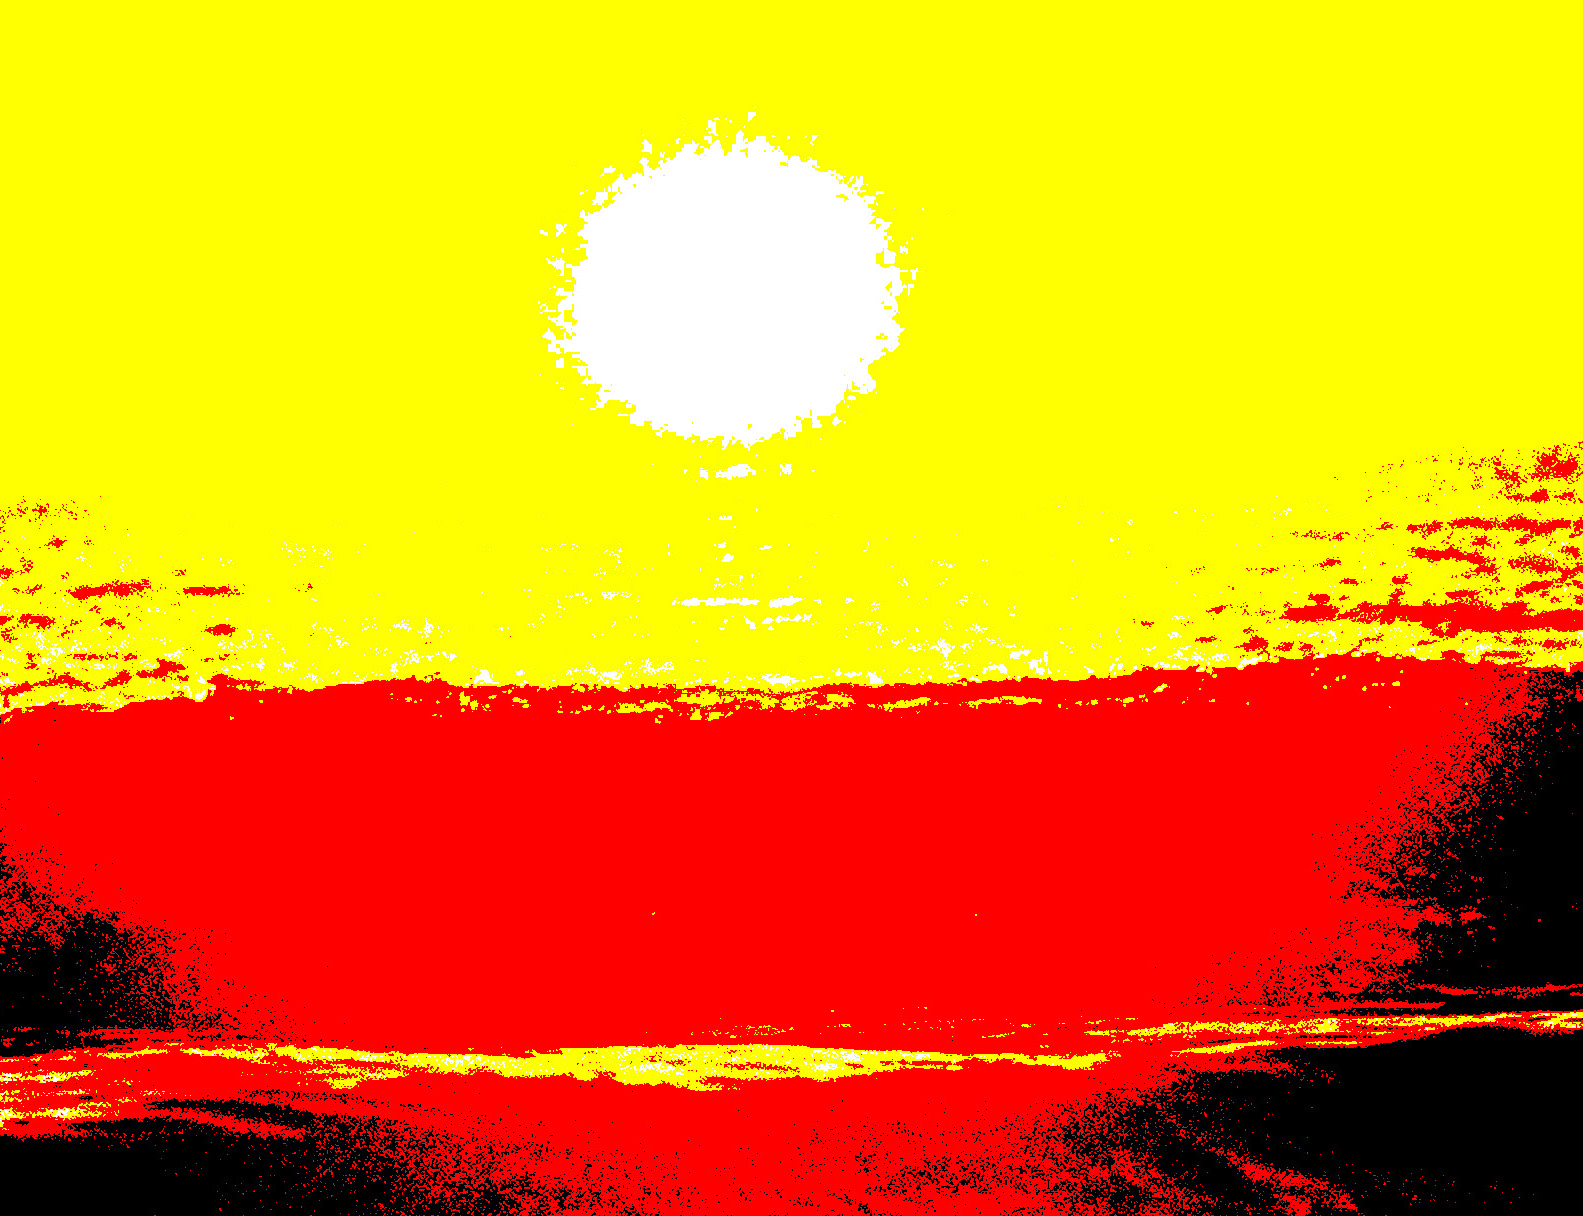 sunrise7 - Copy (2)